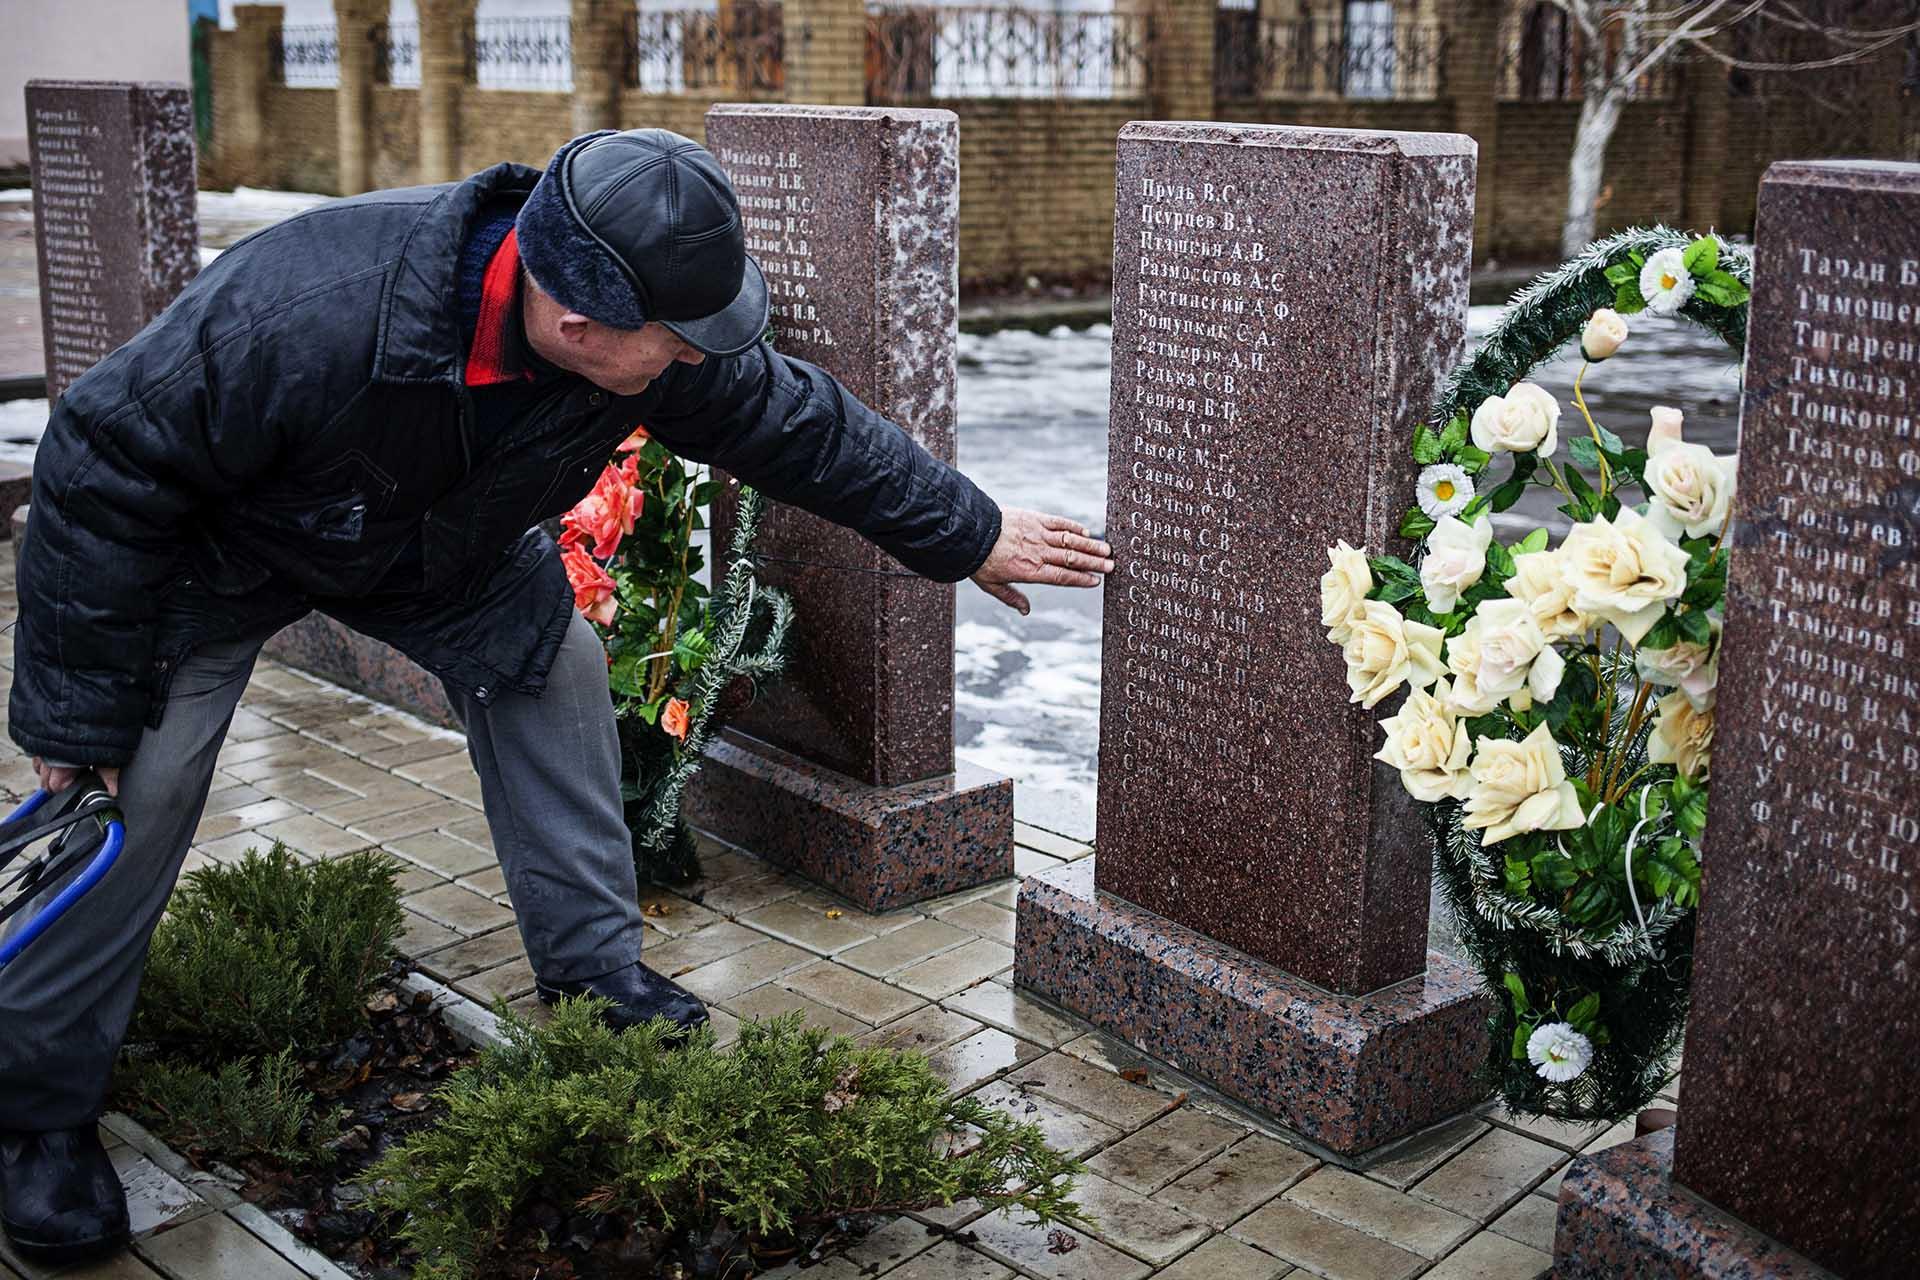 Un hombre señala el nombre de su hijo, muerto por bombardeos ucranianos, en una placa conmemorativa a las afueras de Donetsk.